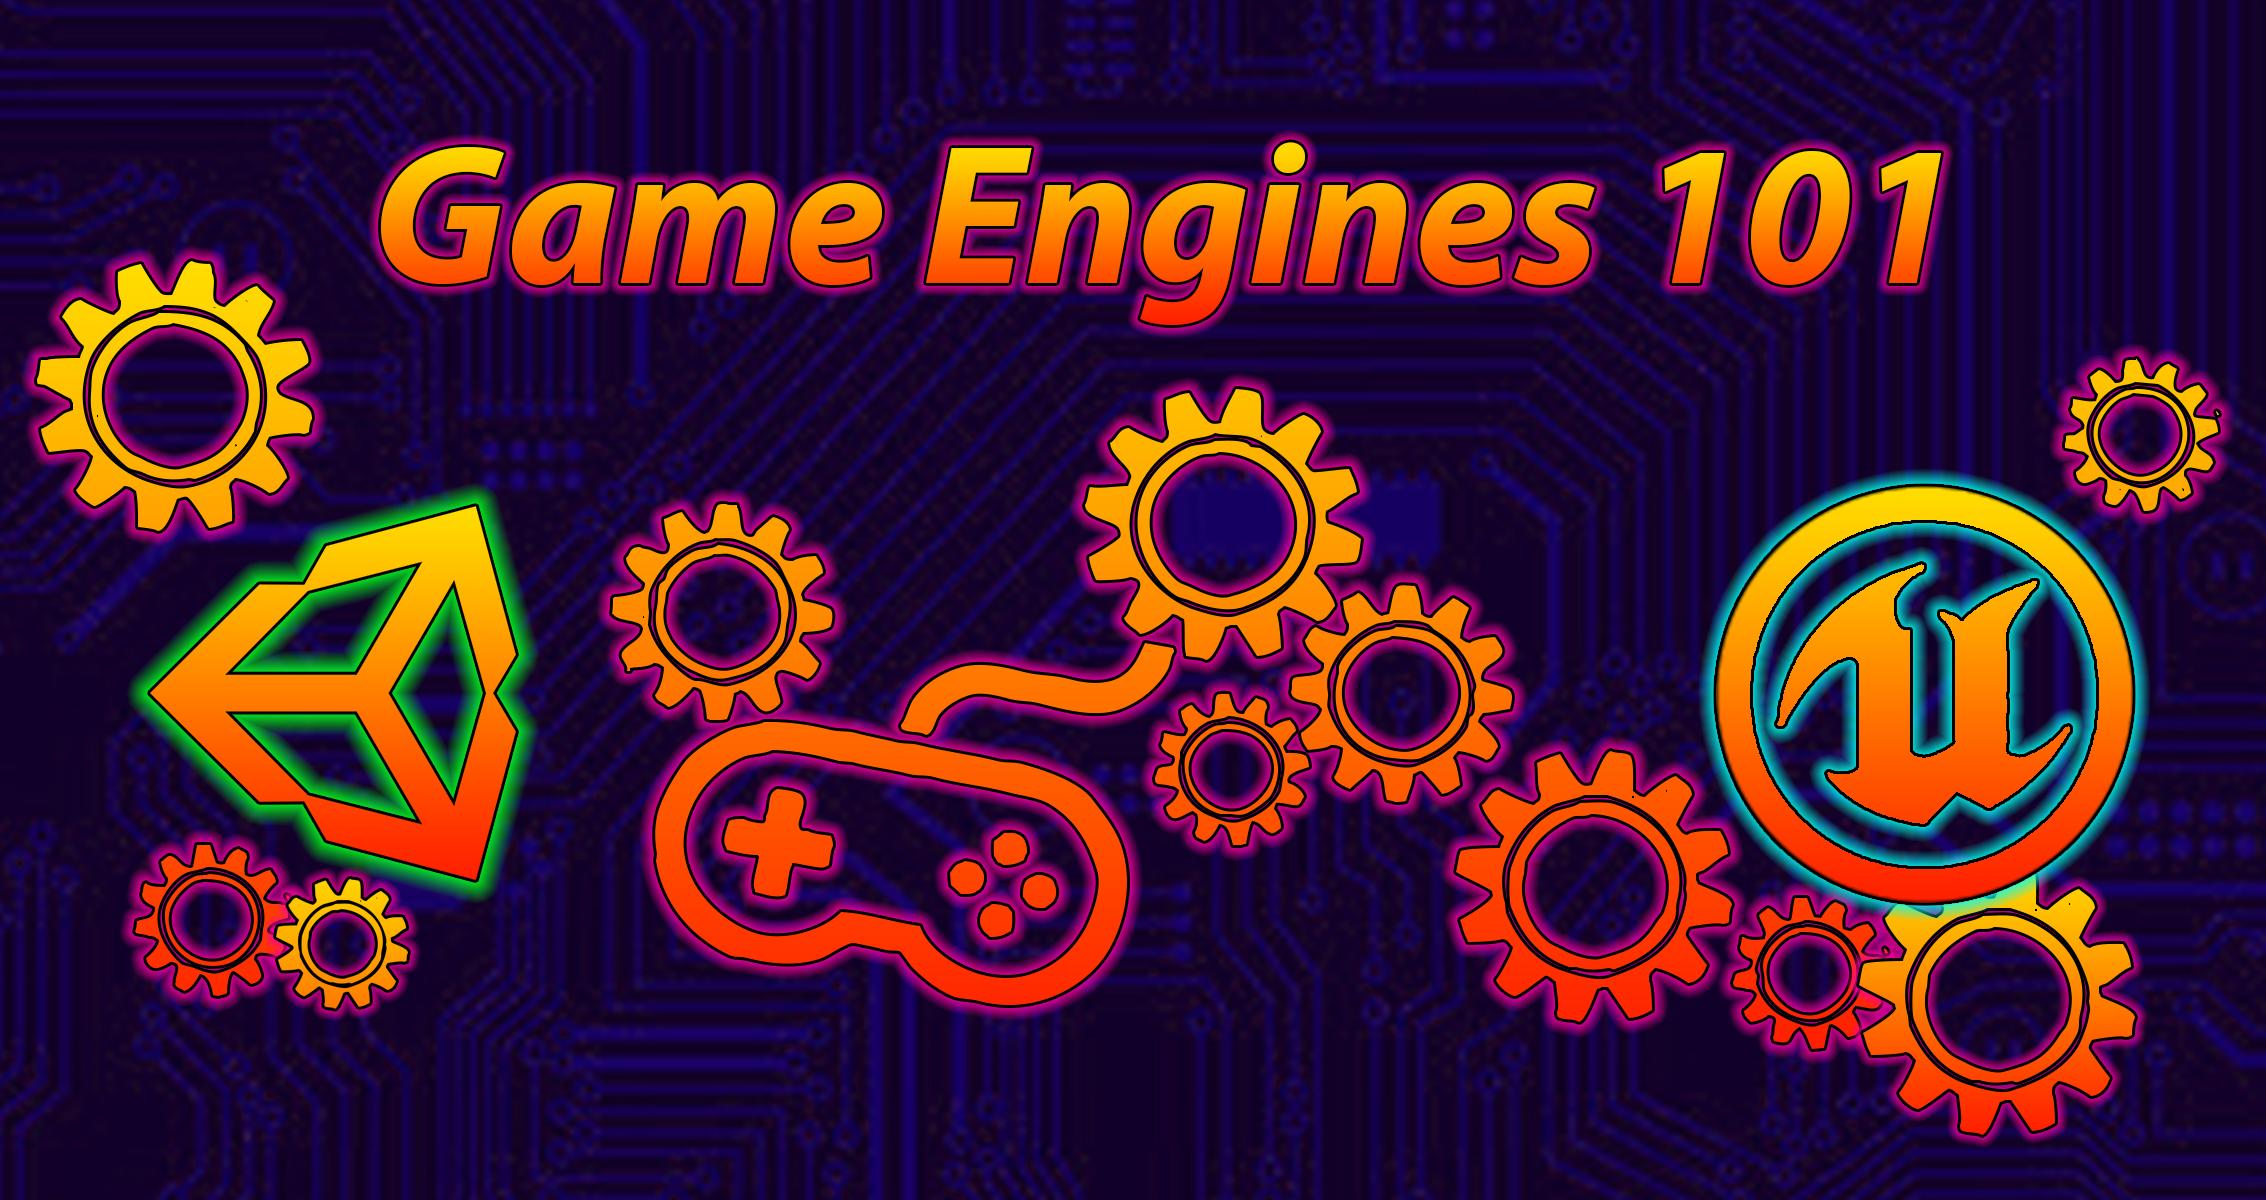 Game Engines 101 Workshop